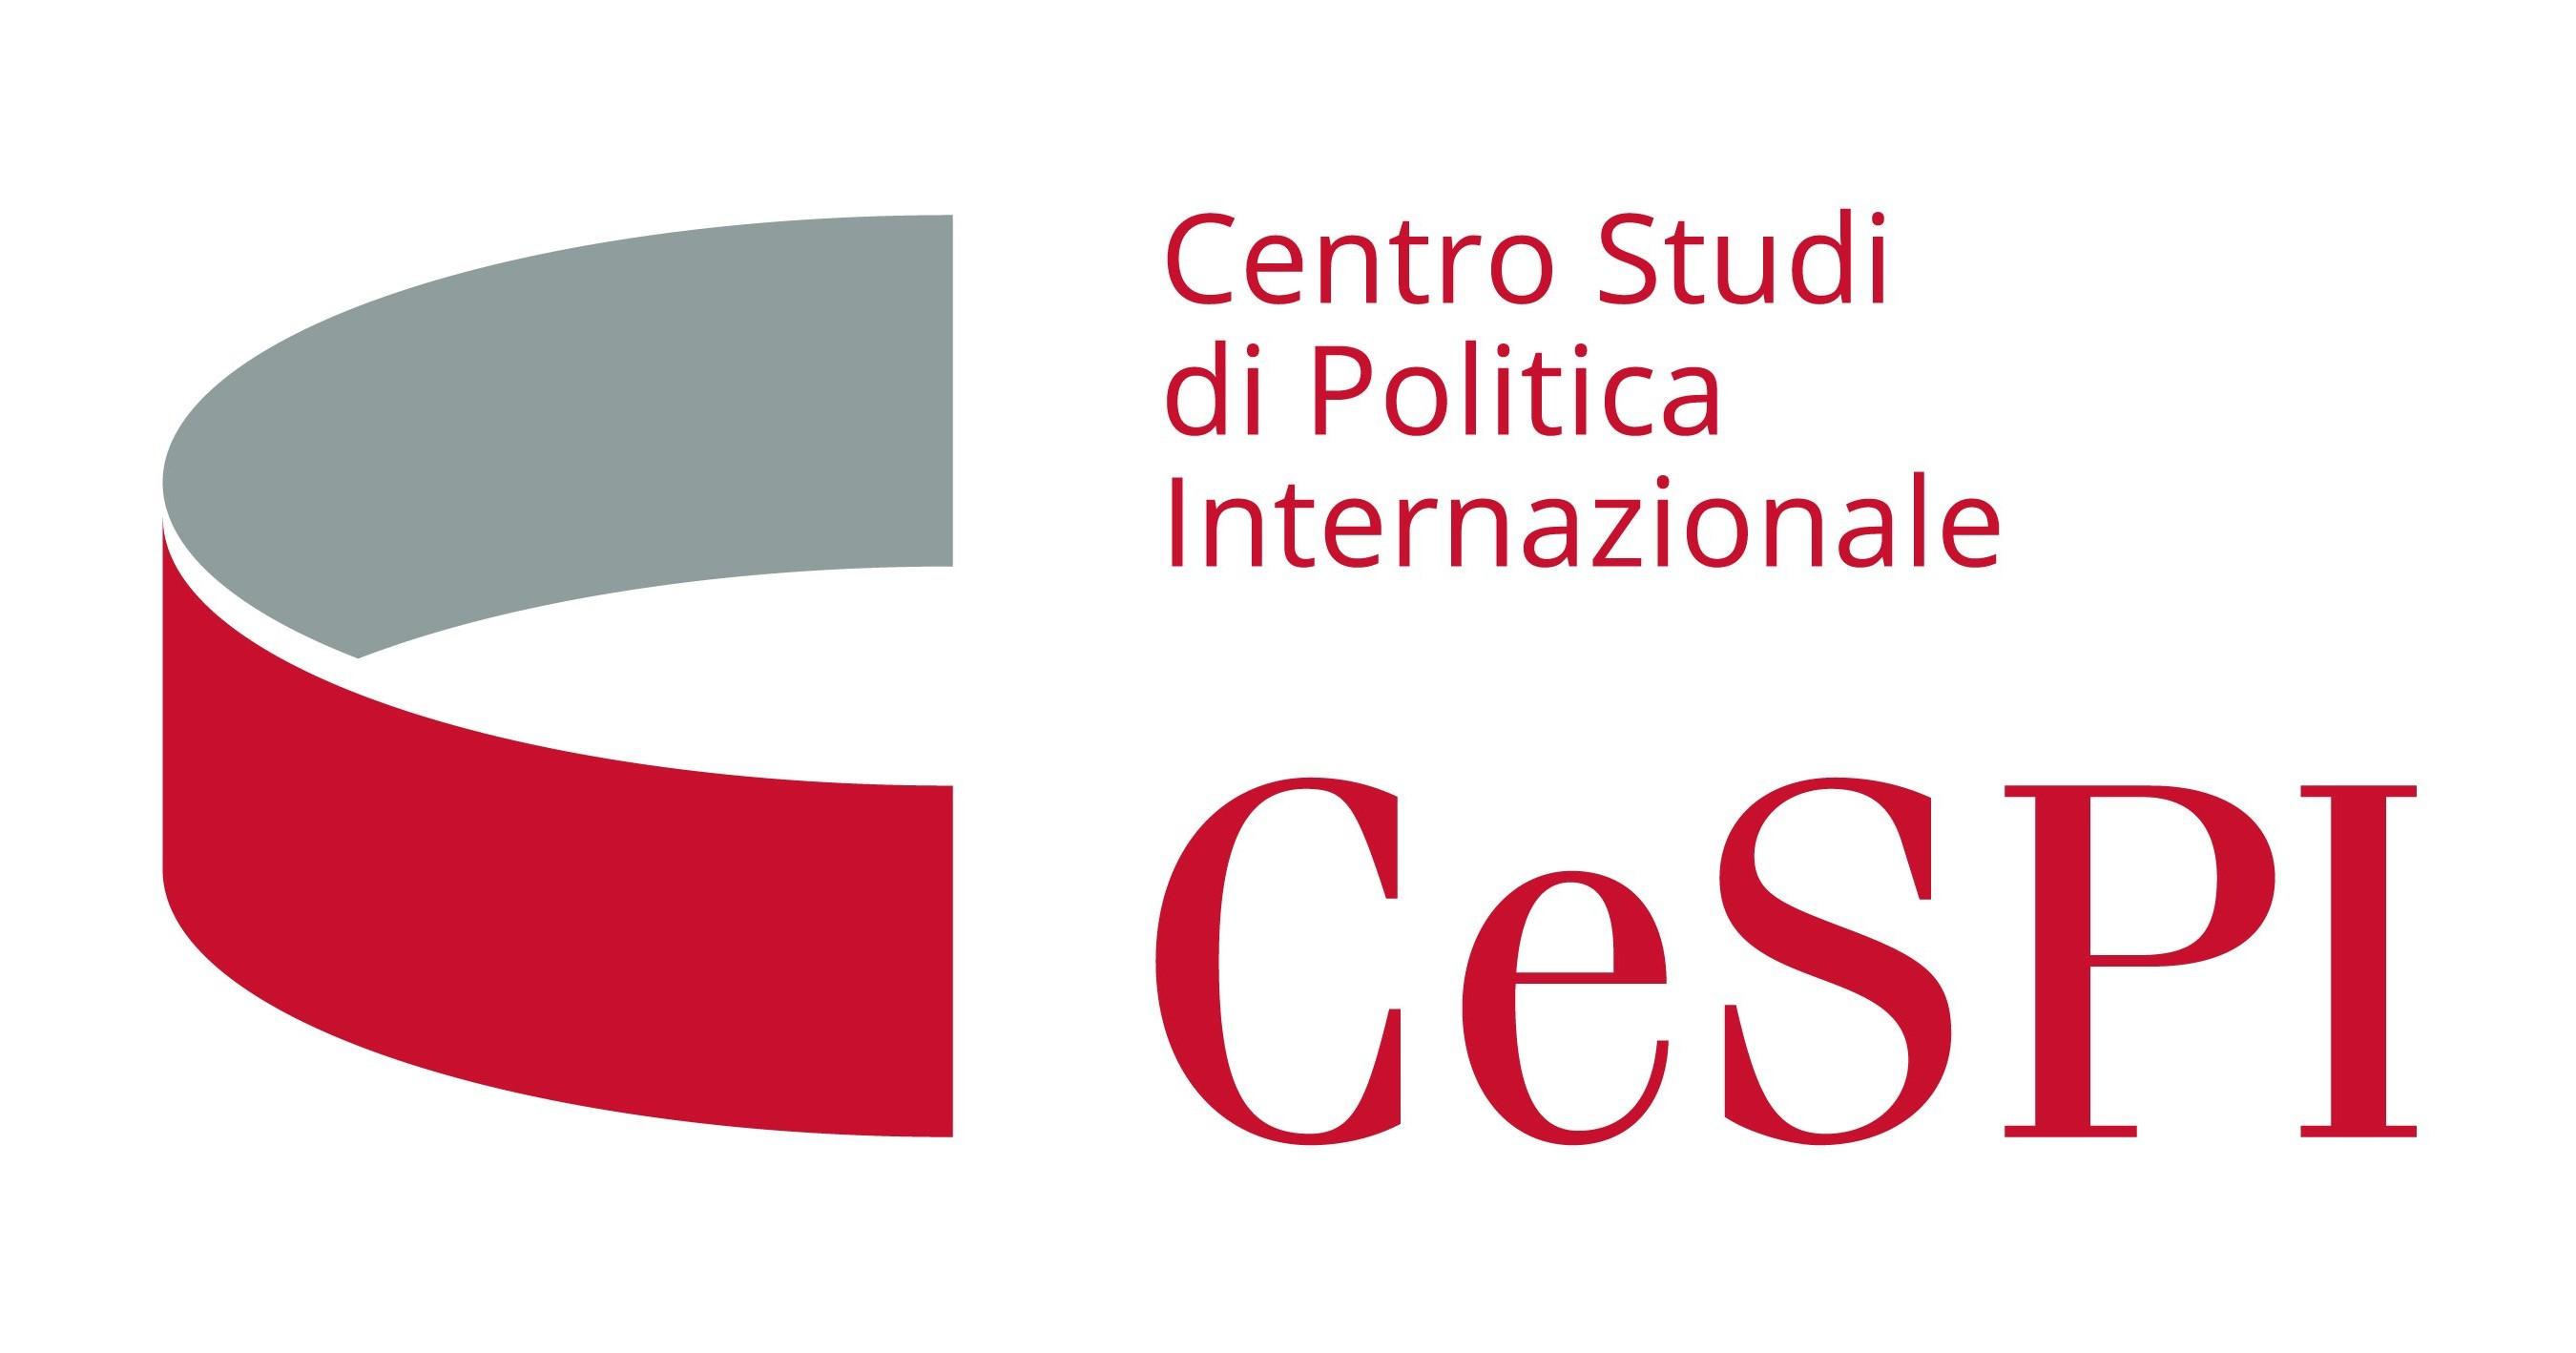 Attiviamoci per Croce Rossa Italiana!-CeSPI - Centro Studi di Politica Internazionale